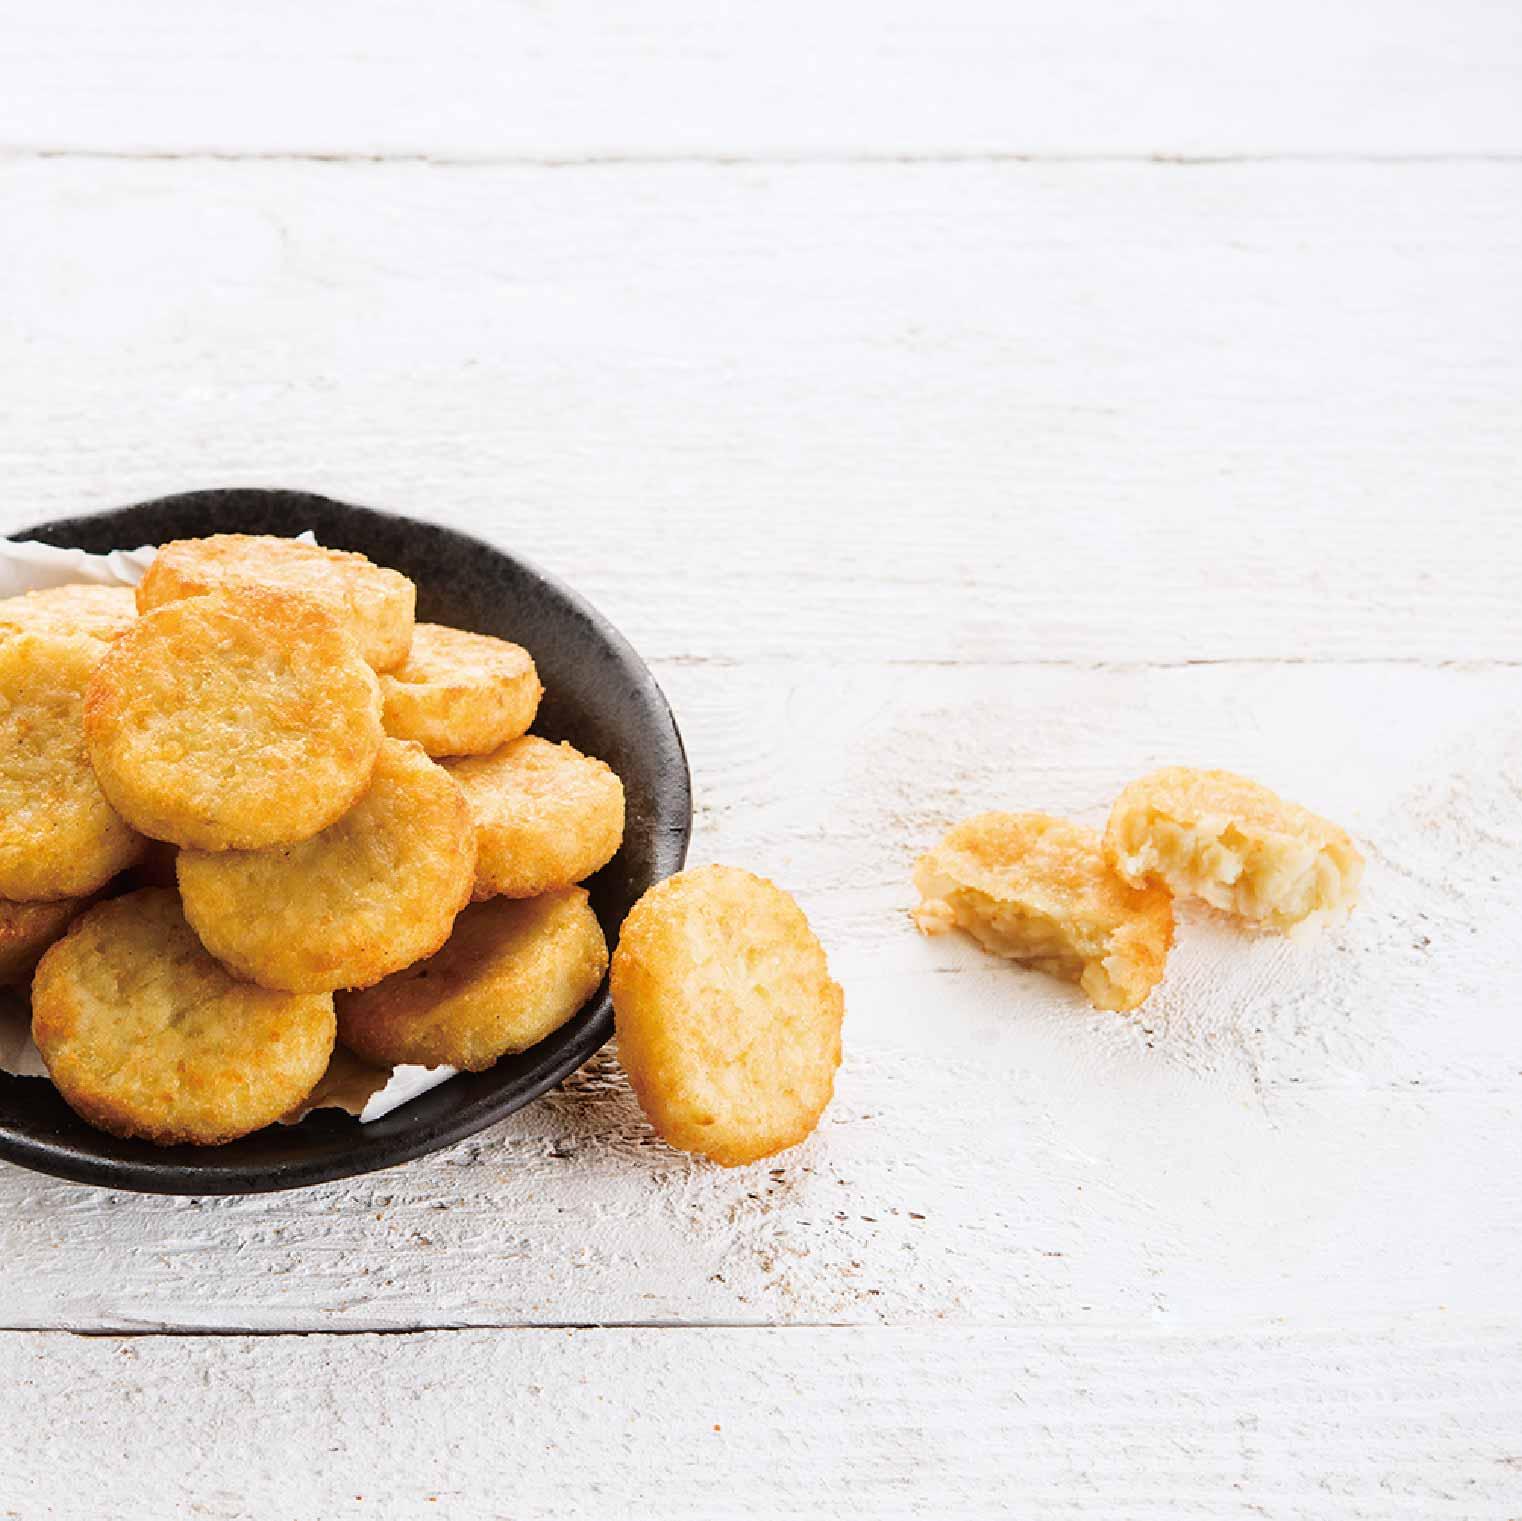 【晉元生鮮美食專賣店】ESTAR洋蔥味圓形薯餅【十片】